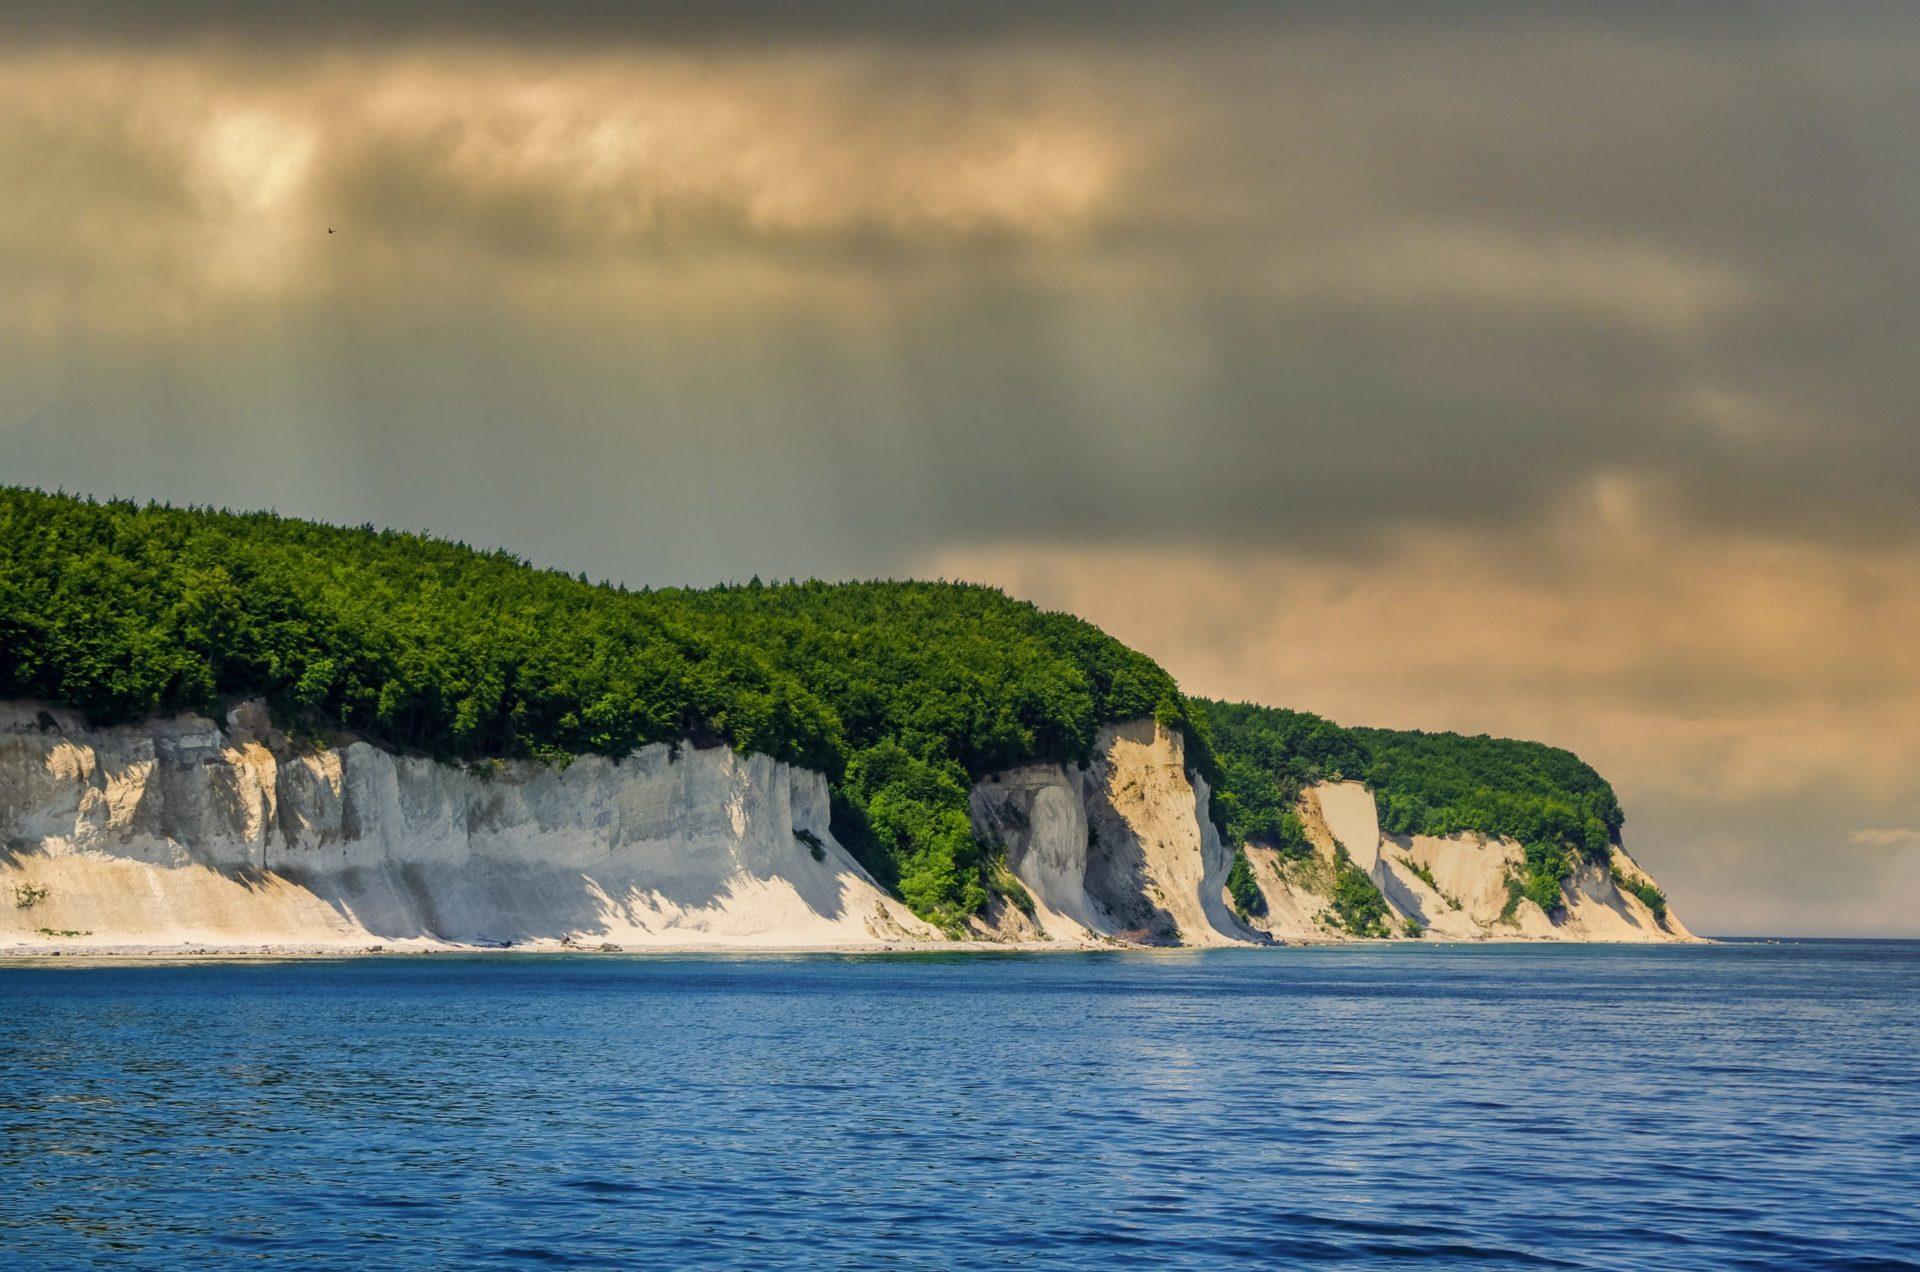 Wassertemperatur Rügen: Kreideküste im Nationalpark Jasmund